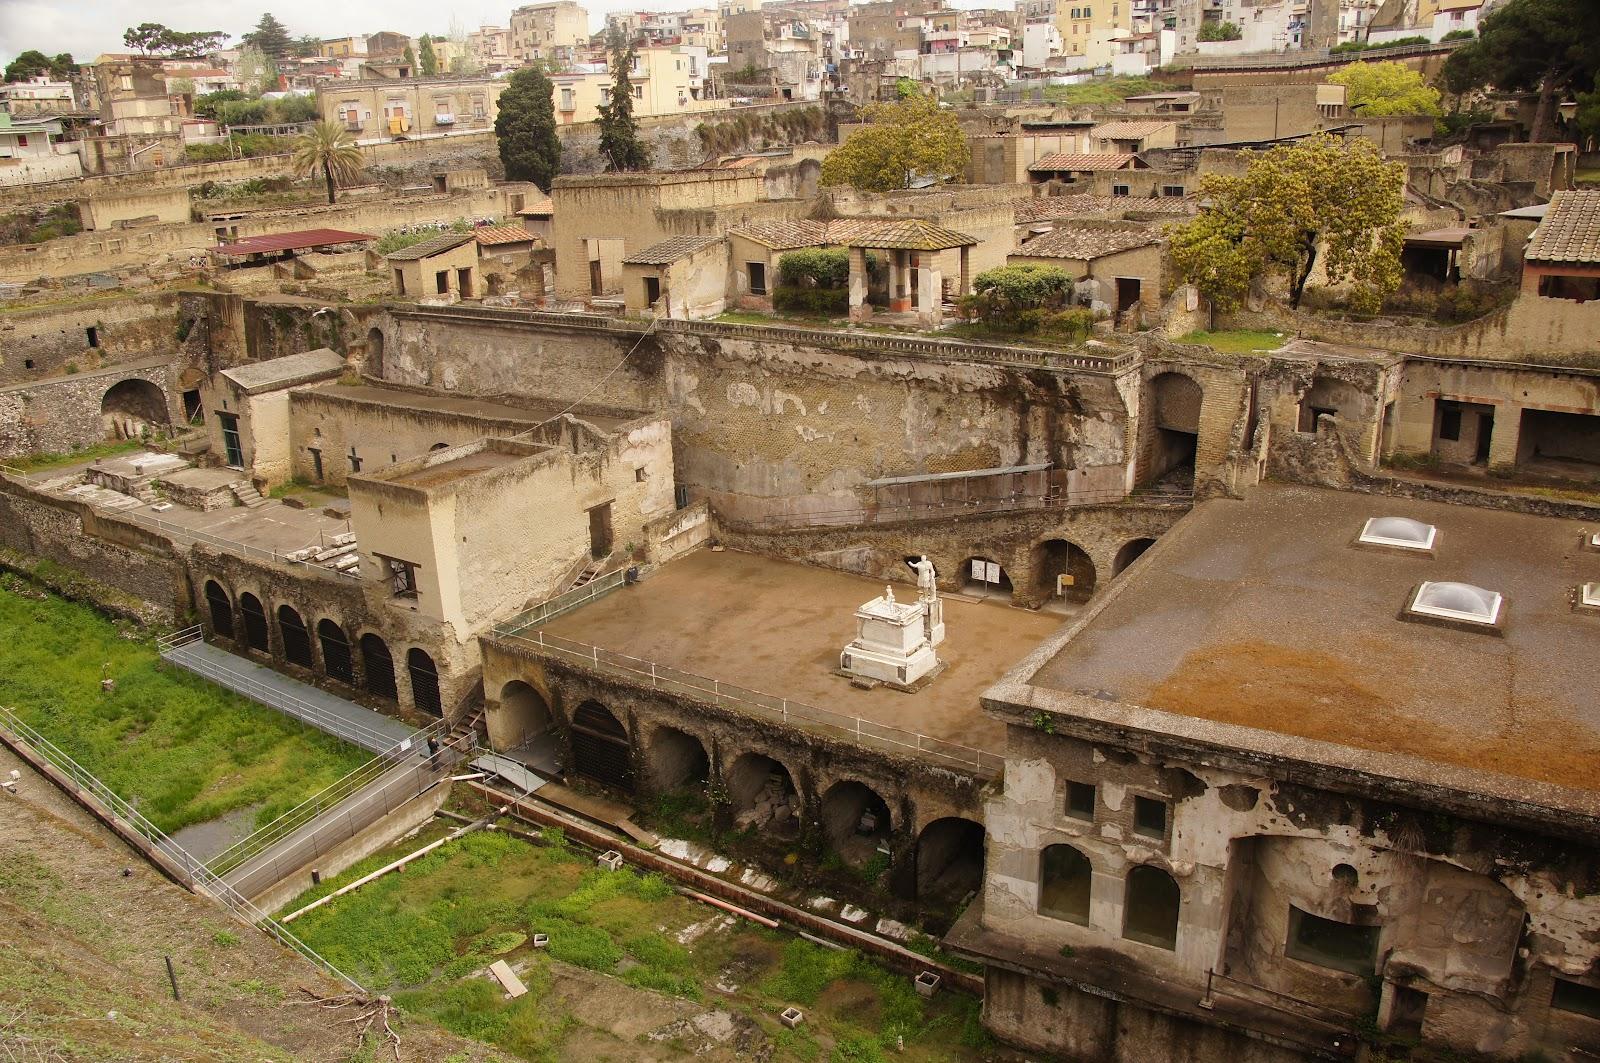 Conheça os 10 pontos turísticos mais conhecidos na Itália 3 dicas Viaje Global